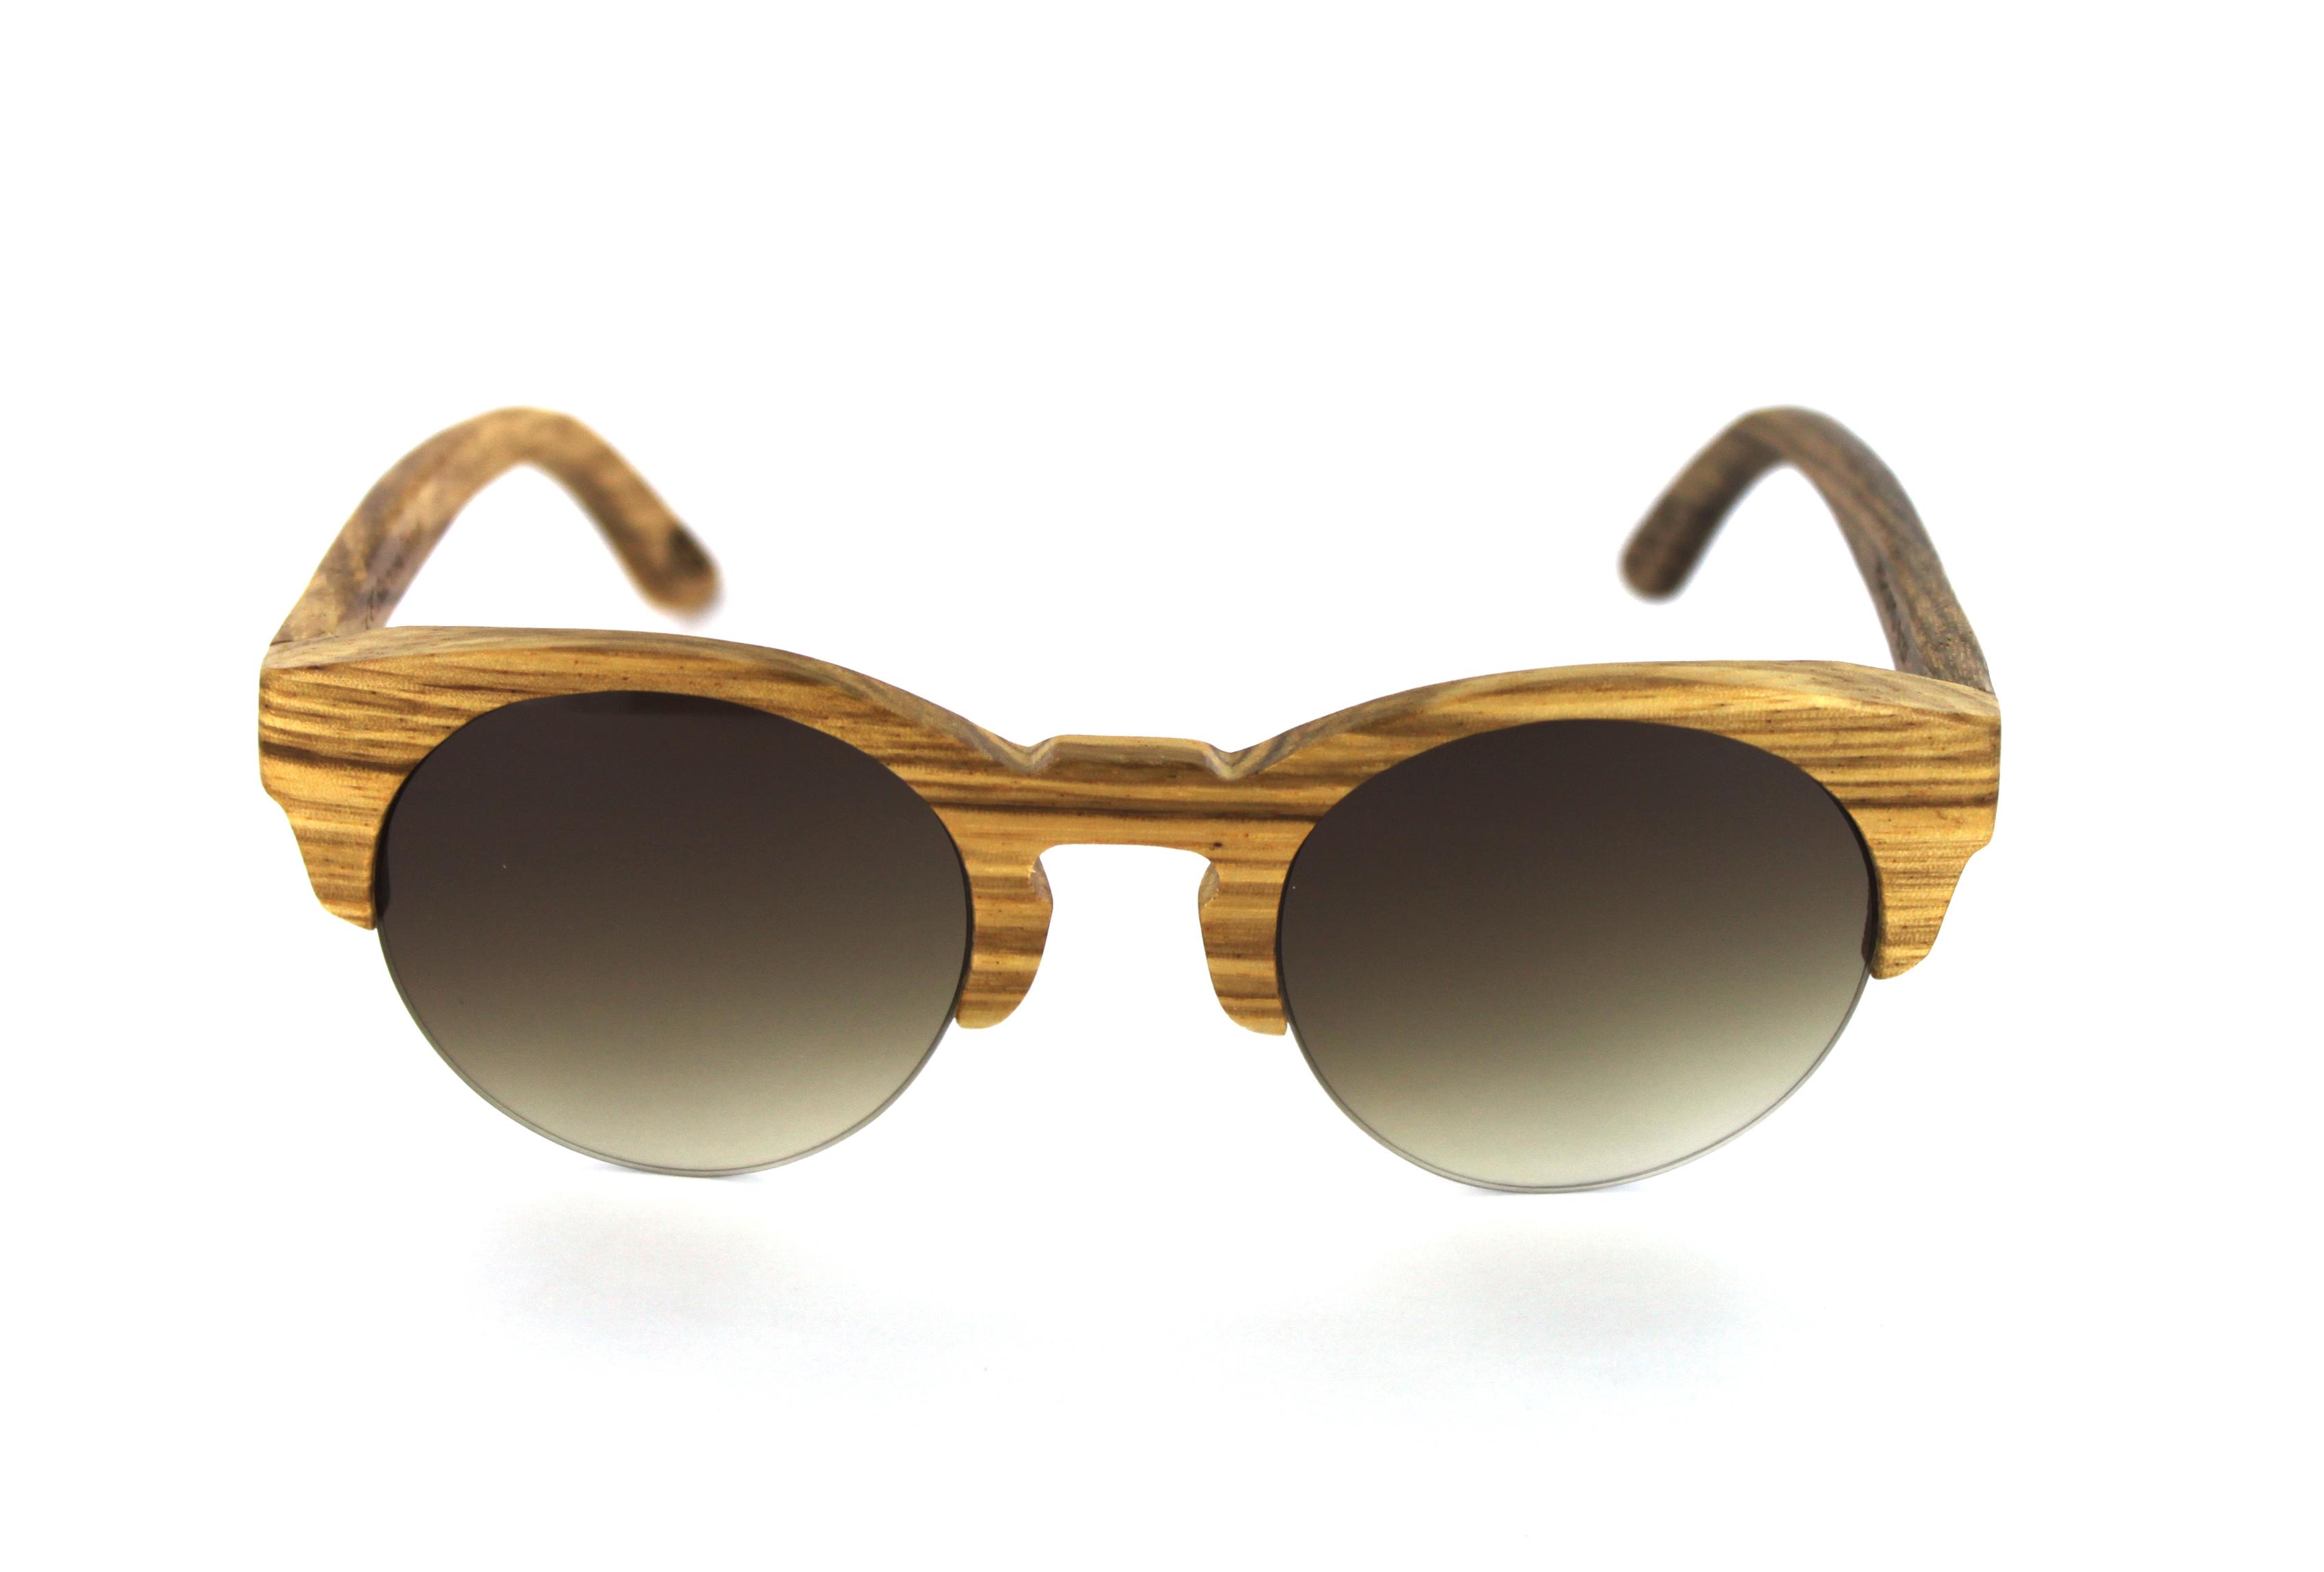 Blickers - Descubre gafas diferentes